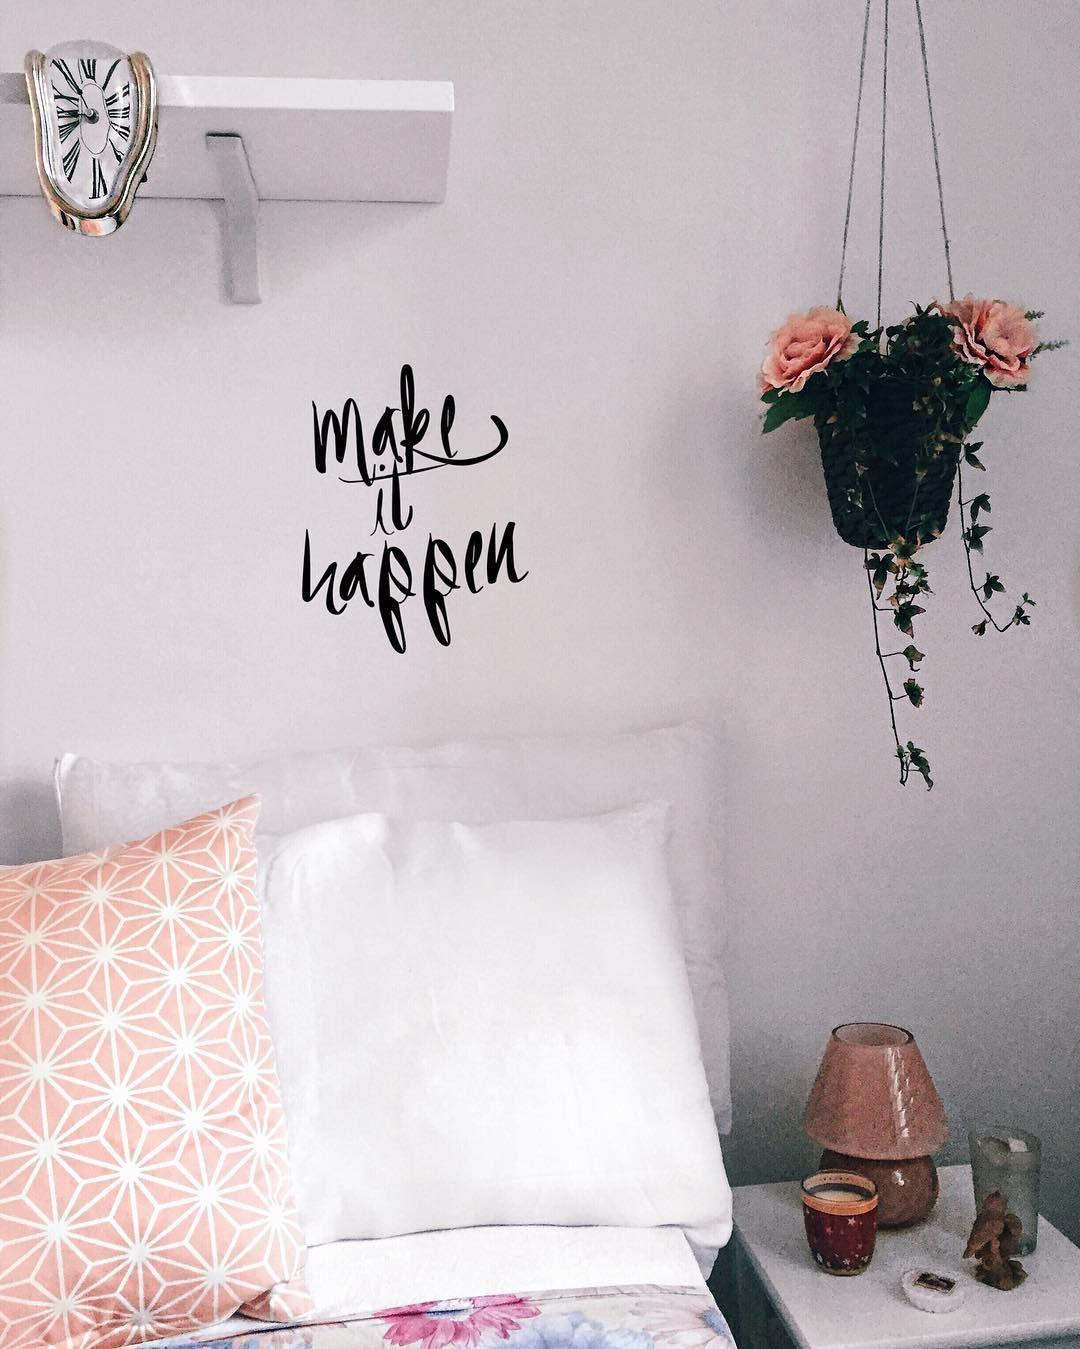 Quando hai un sogno non sognarlo e basta svegliati per realizzarlo fallo accadere  Dettagli della mia casetta nuova